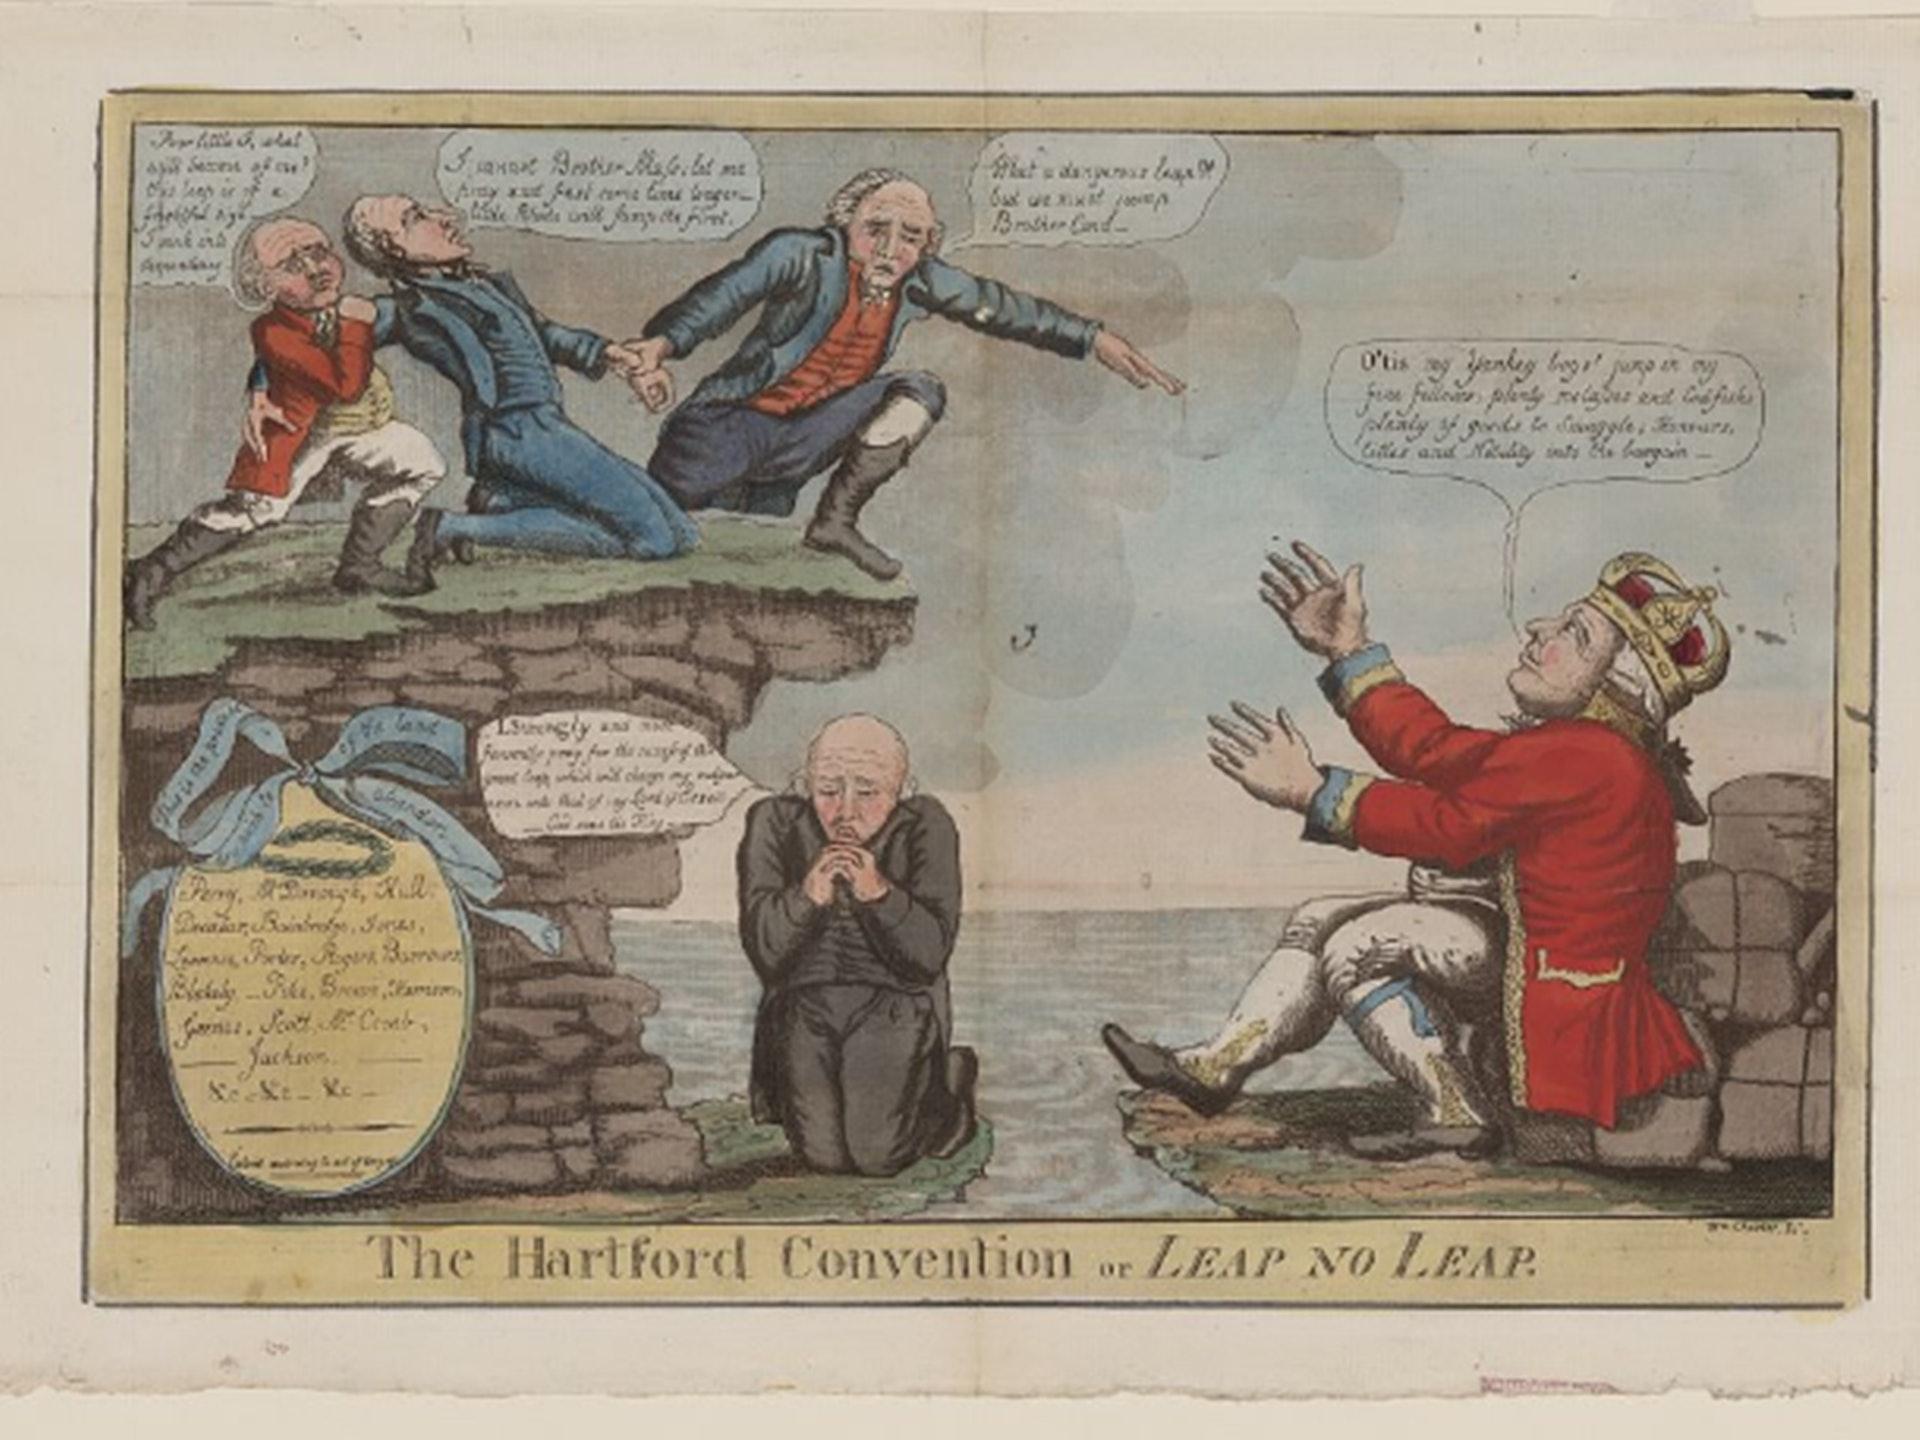 1814年美英戰爭期間,曾力主強化聯邦權力的聯邦黨人,竟為了反戰而於哈特福德密會商議率領新英格蘭地區獨立,消息走漏後引起美國人民的不齒與憤慨,從而令聯邦黨逐漸式微。此為威廉‧查爾斯(William Charles,1776─1820年)所繪製的漫畫,諷刺反戰的聯邦黨人不愛國,向英王(右下)搖尾乞憐。(Library of Congress)